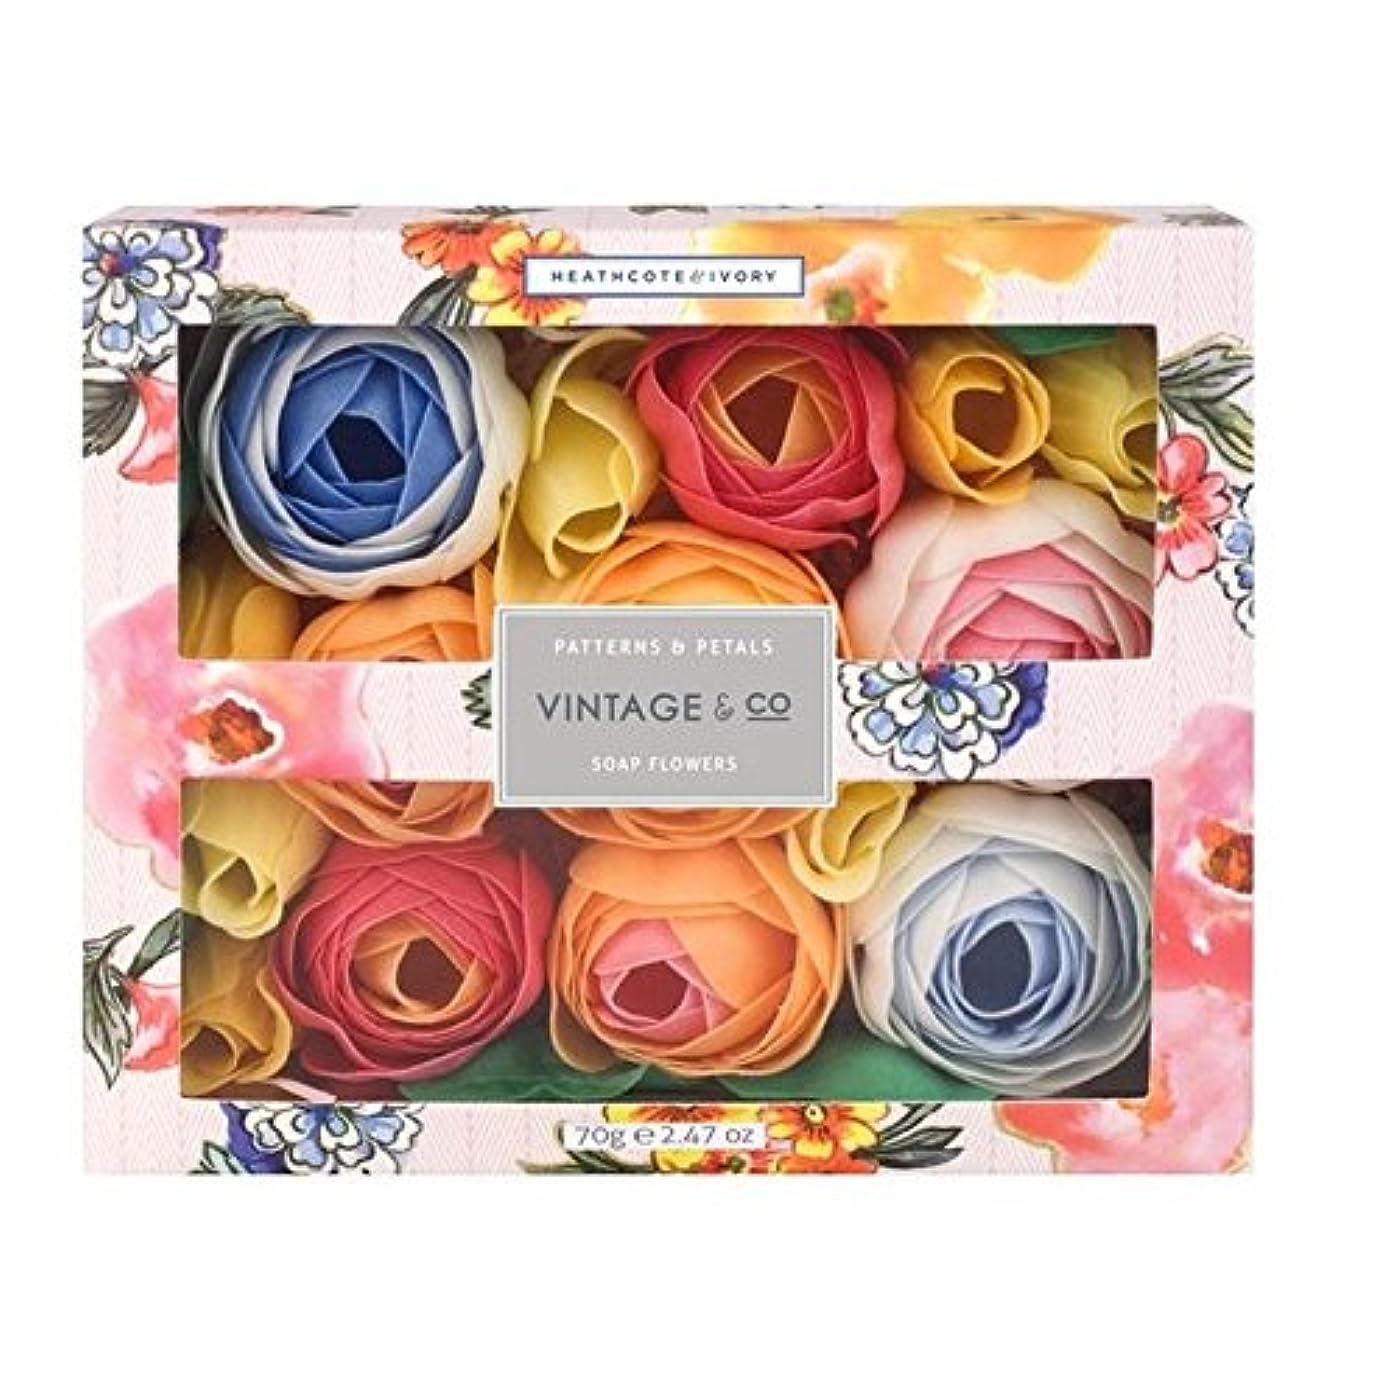 複合仕える美容師ヒースコート&アイボリーパターン&花びら石鹸の花70グラム x4 - Heathcote & Ivory Patterns & Petals Soap Flowers 70g (Pack of 4) [並行輸入品]